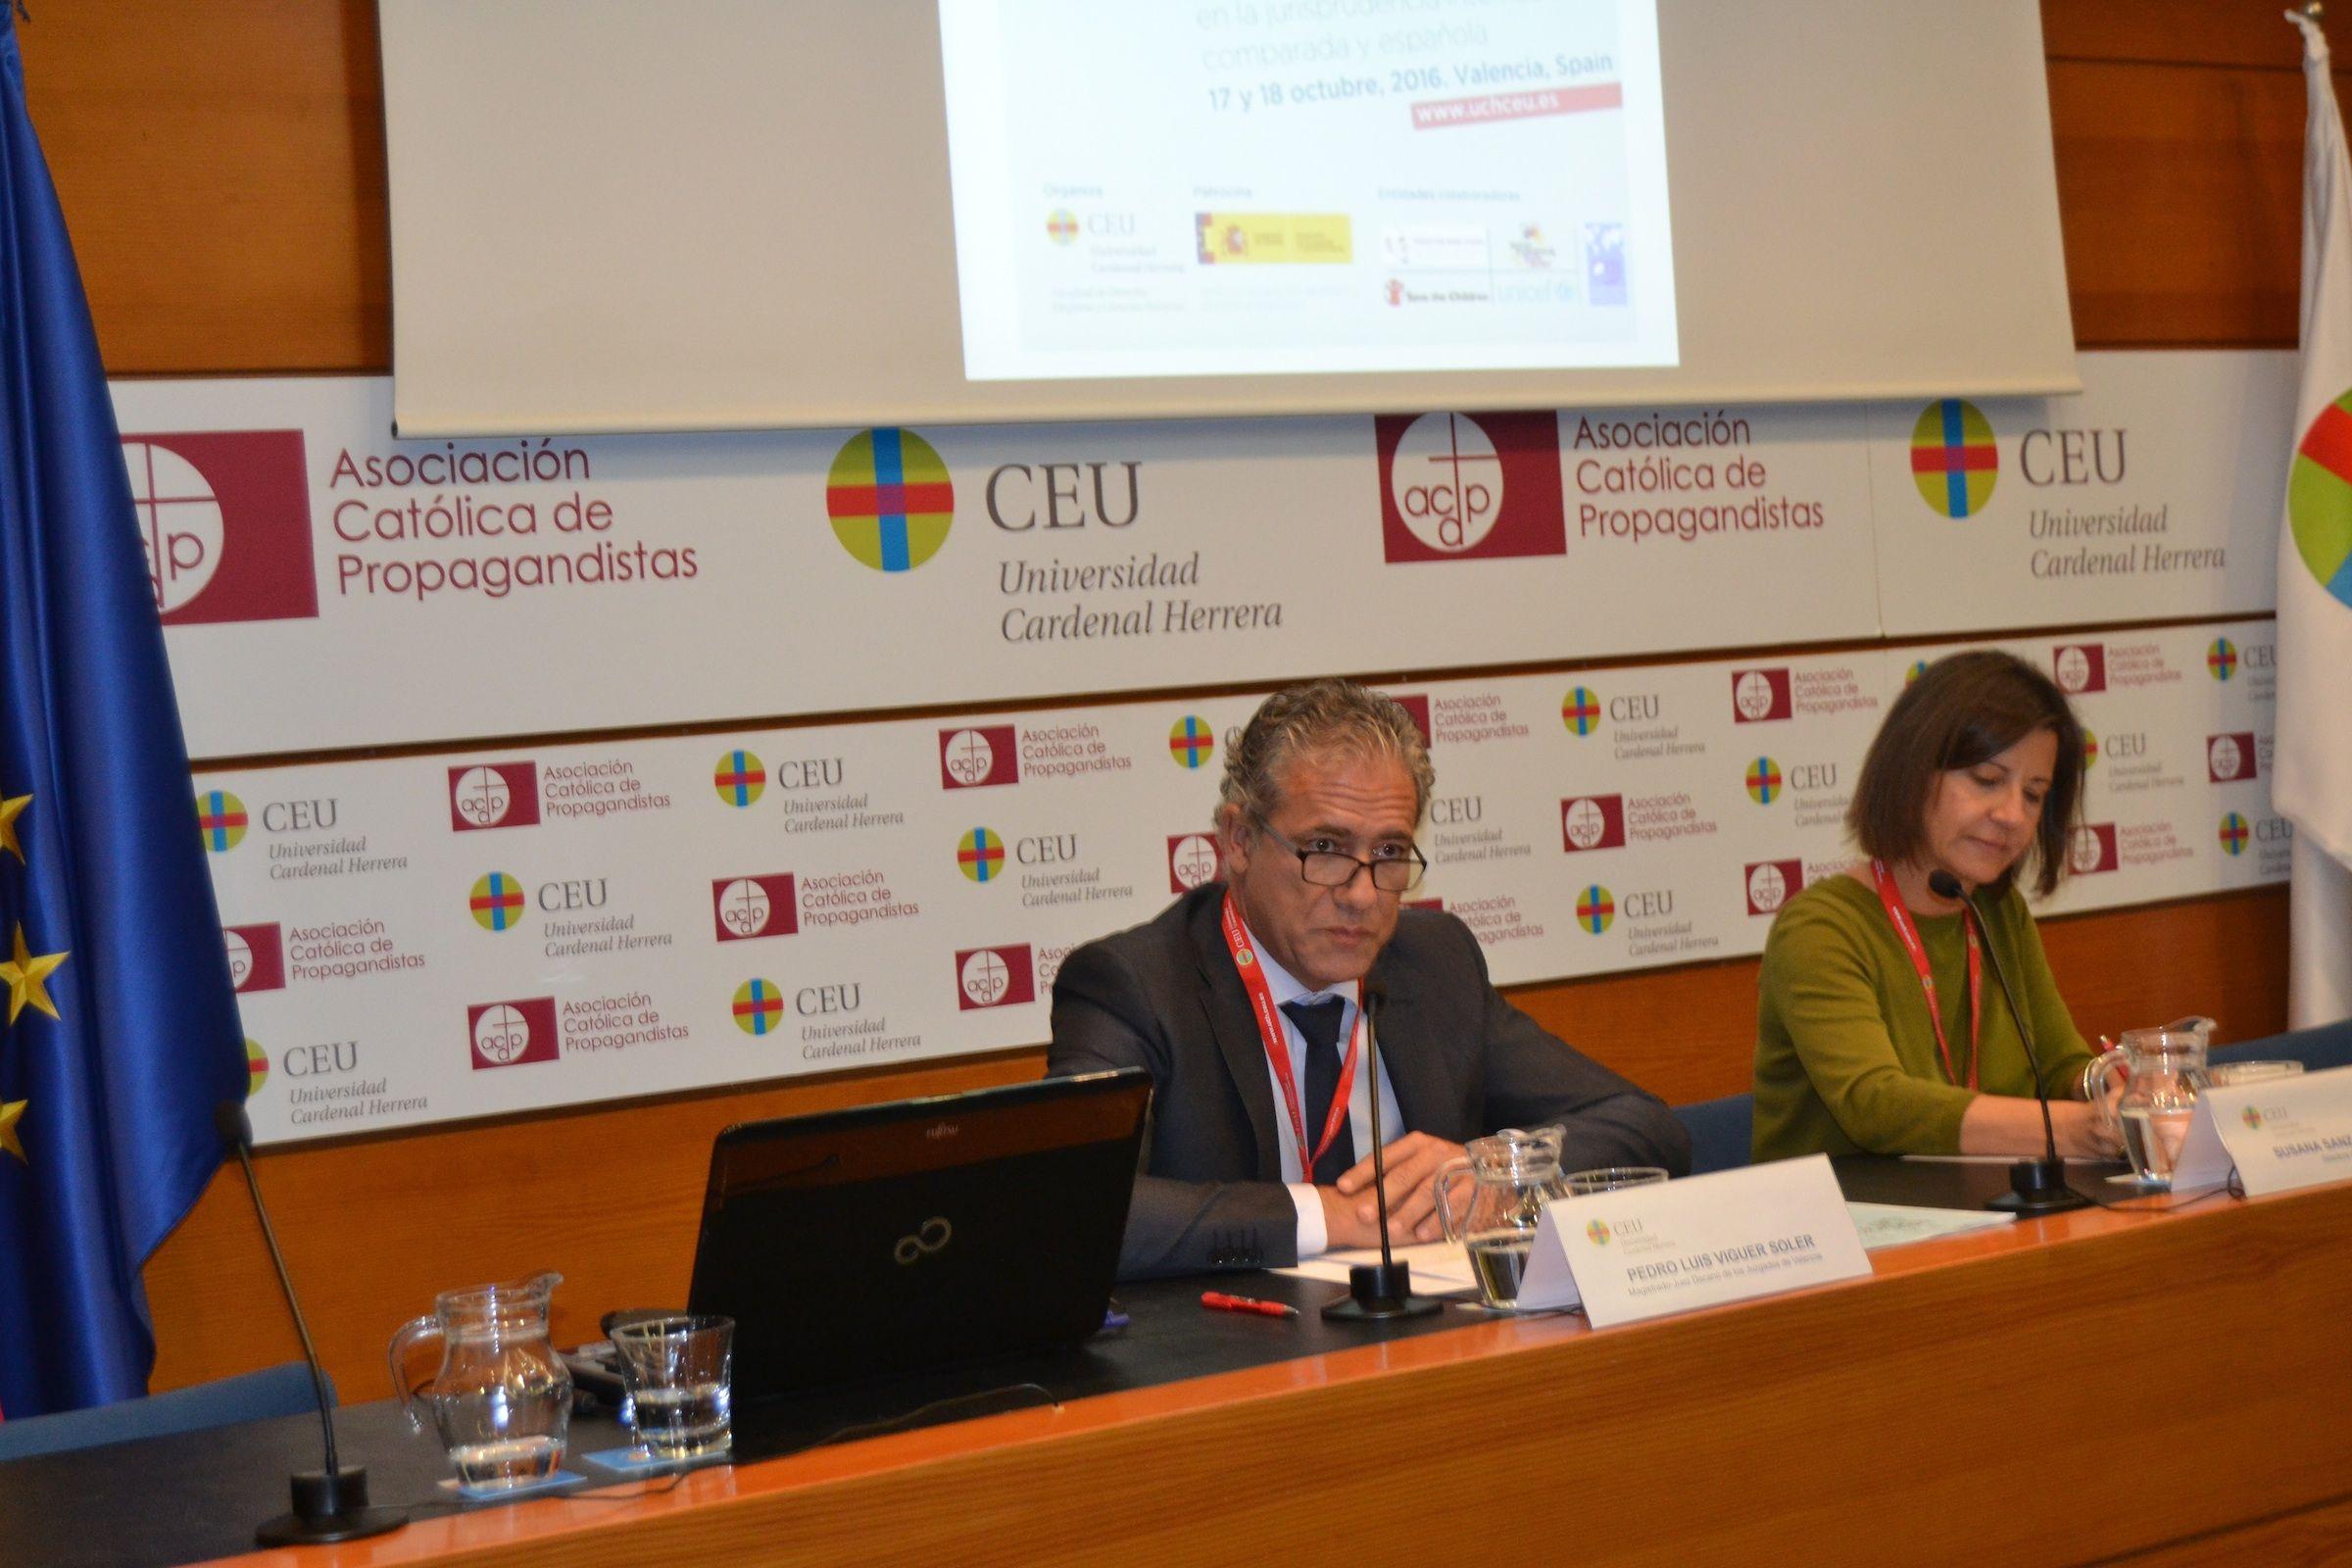 El juez decano de Valencia, Pedro Luis Viguer, durante su participación en el Congreso Internacional sobre el Interés Superior del Niño, organizado por la profesora de la CEU-UCH Susana Sanz.